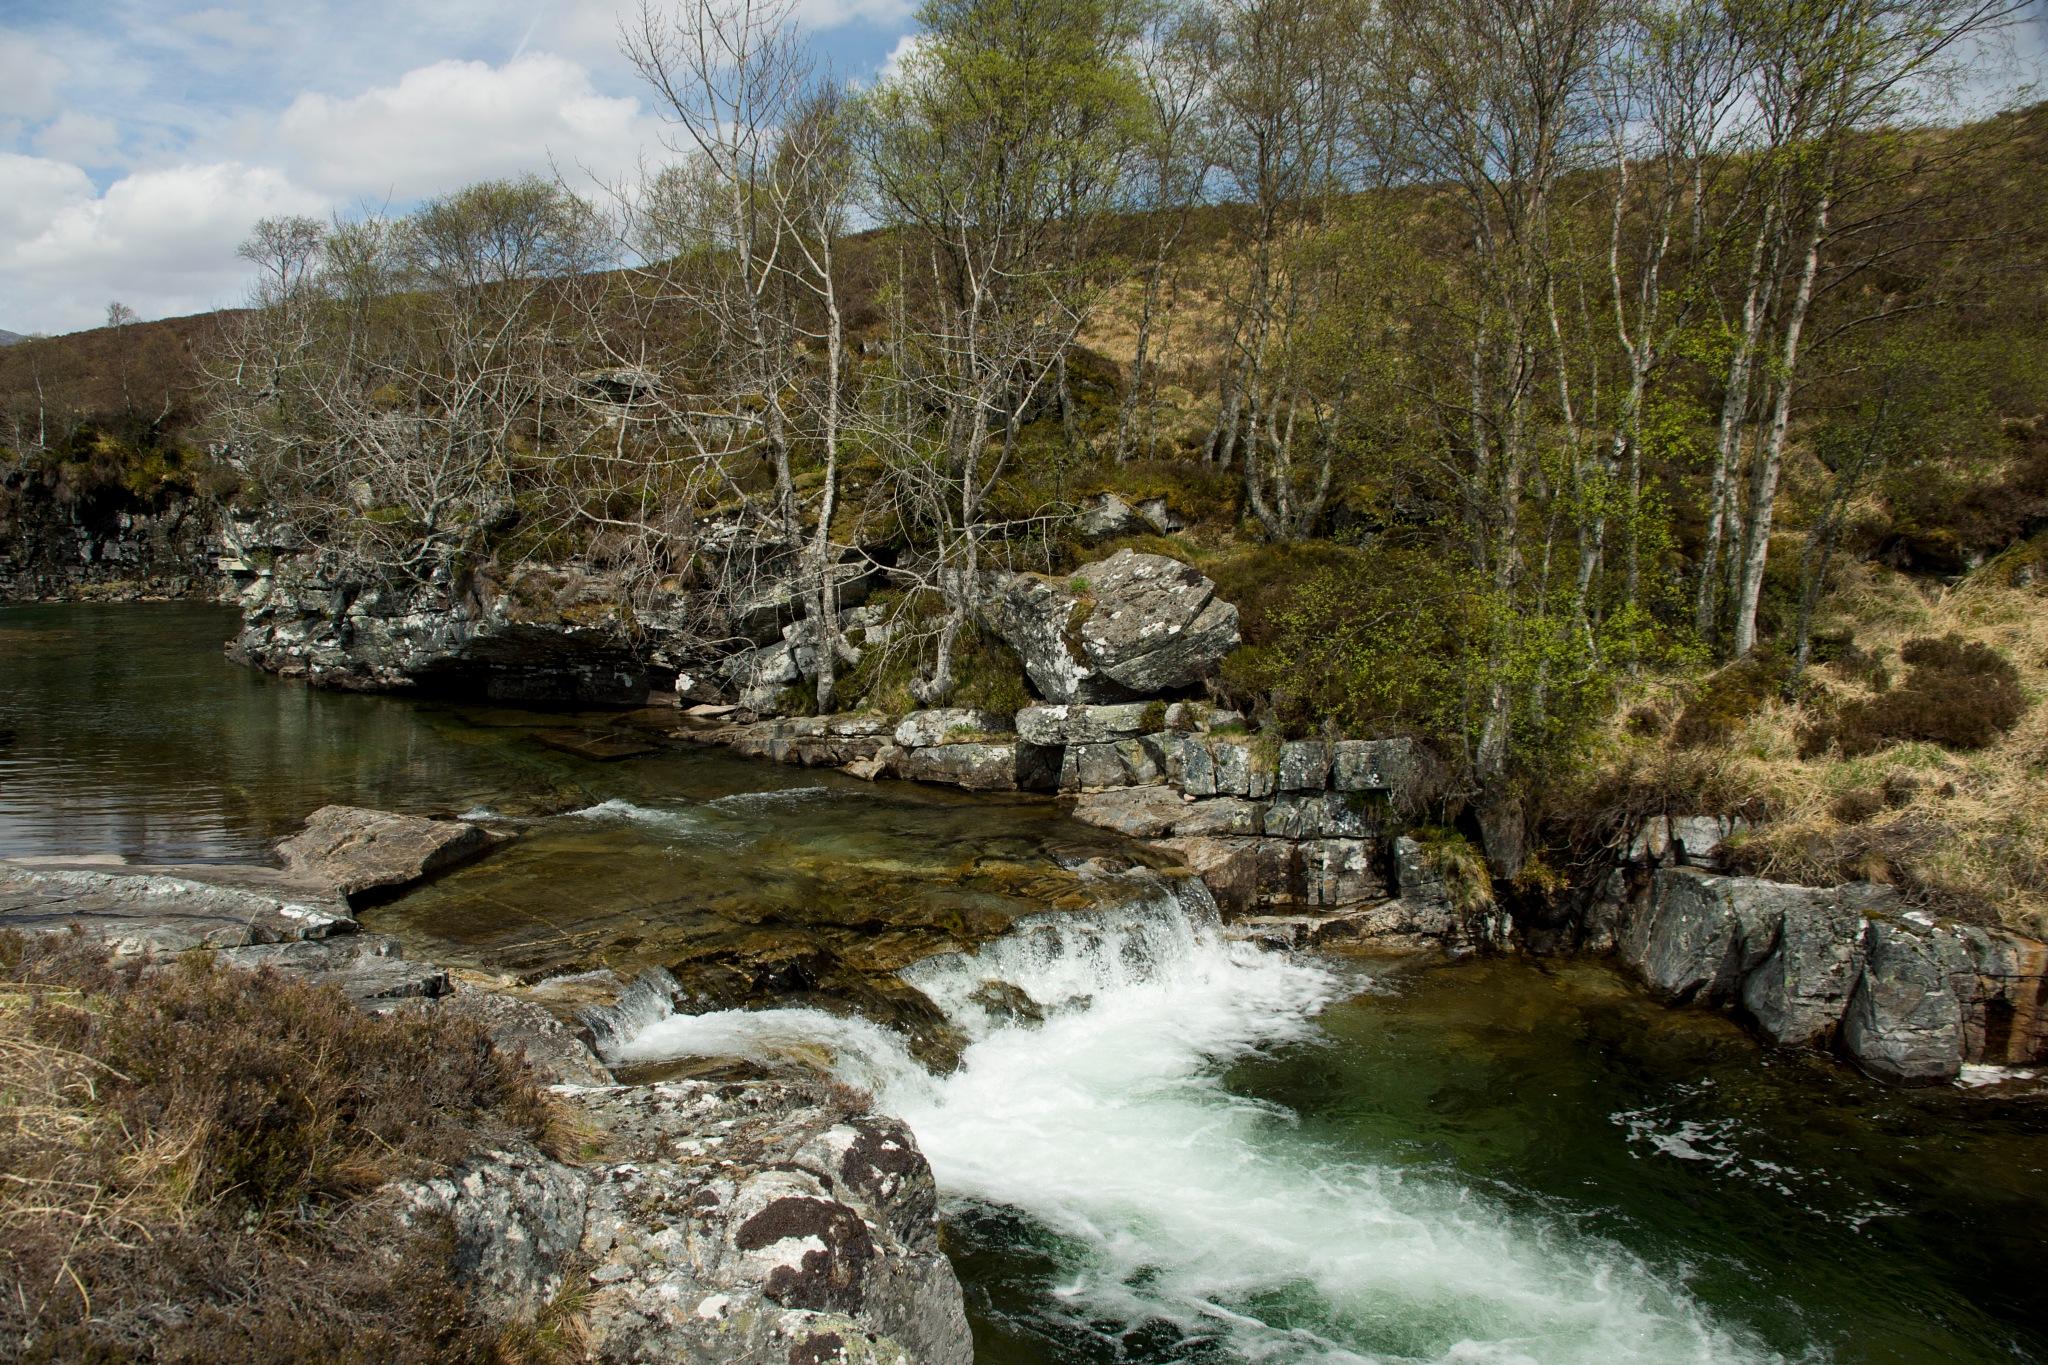 Lower Falls of the Chest of Dee by steve_whitmarsh